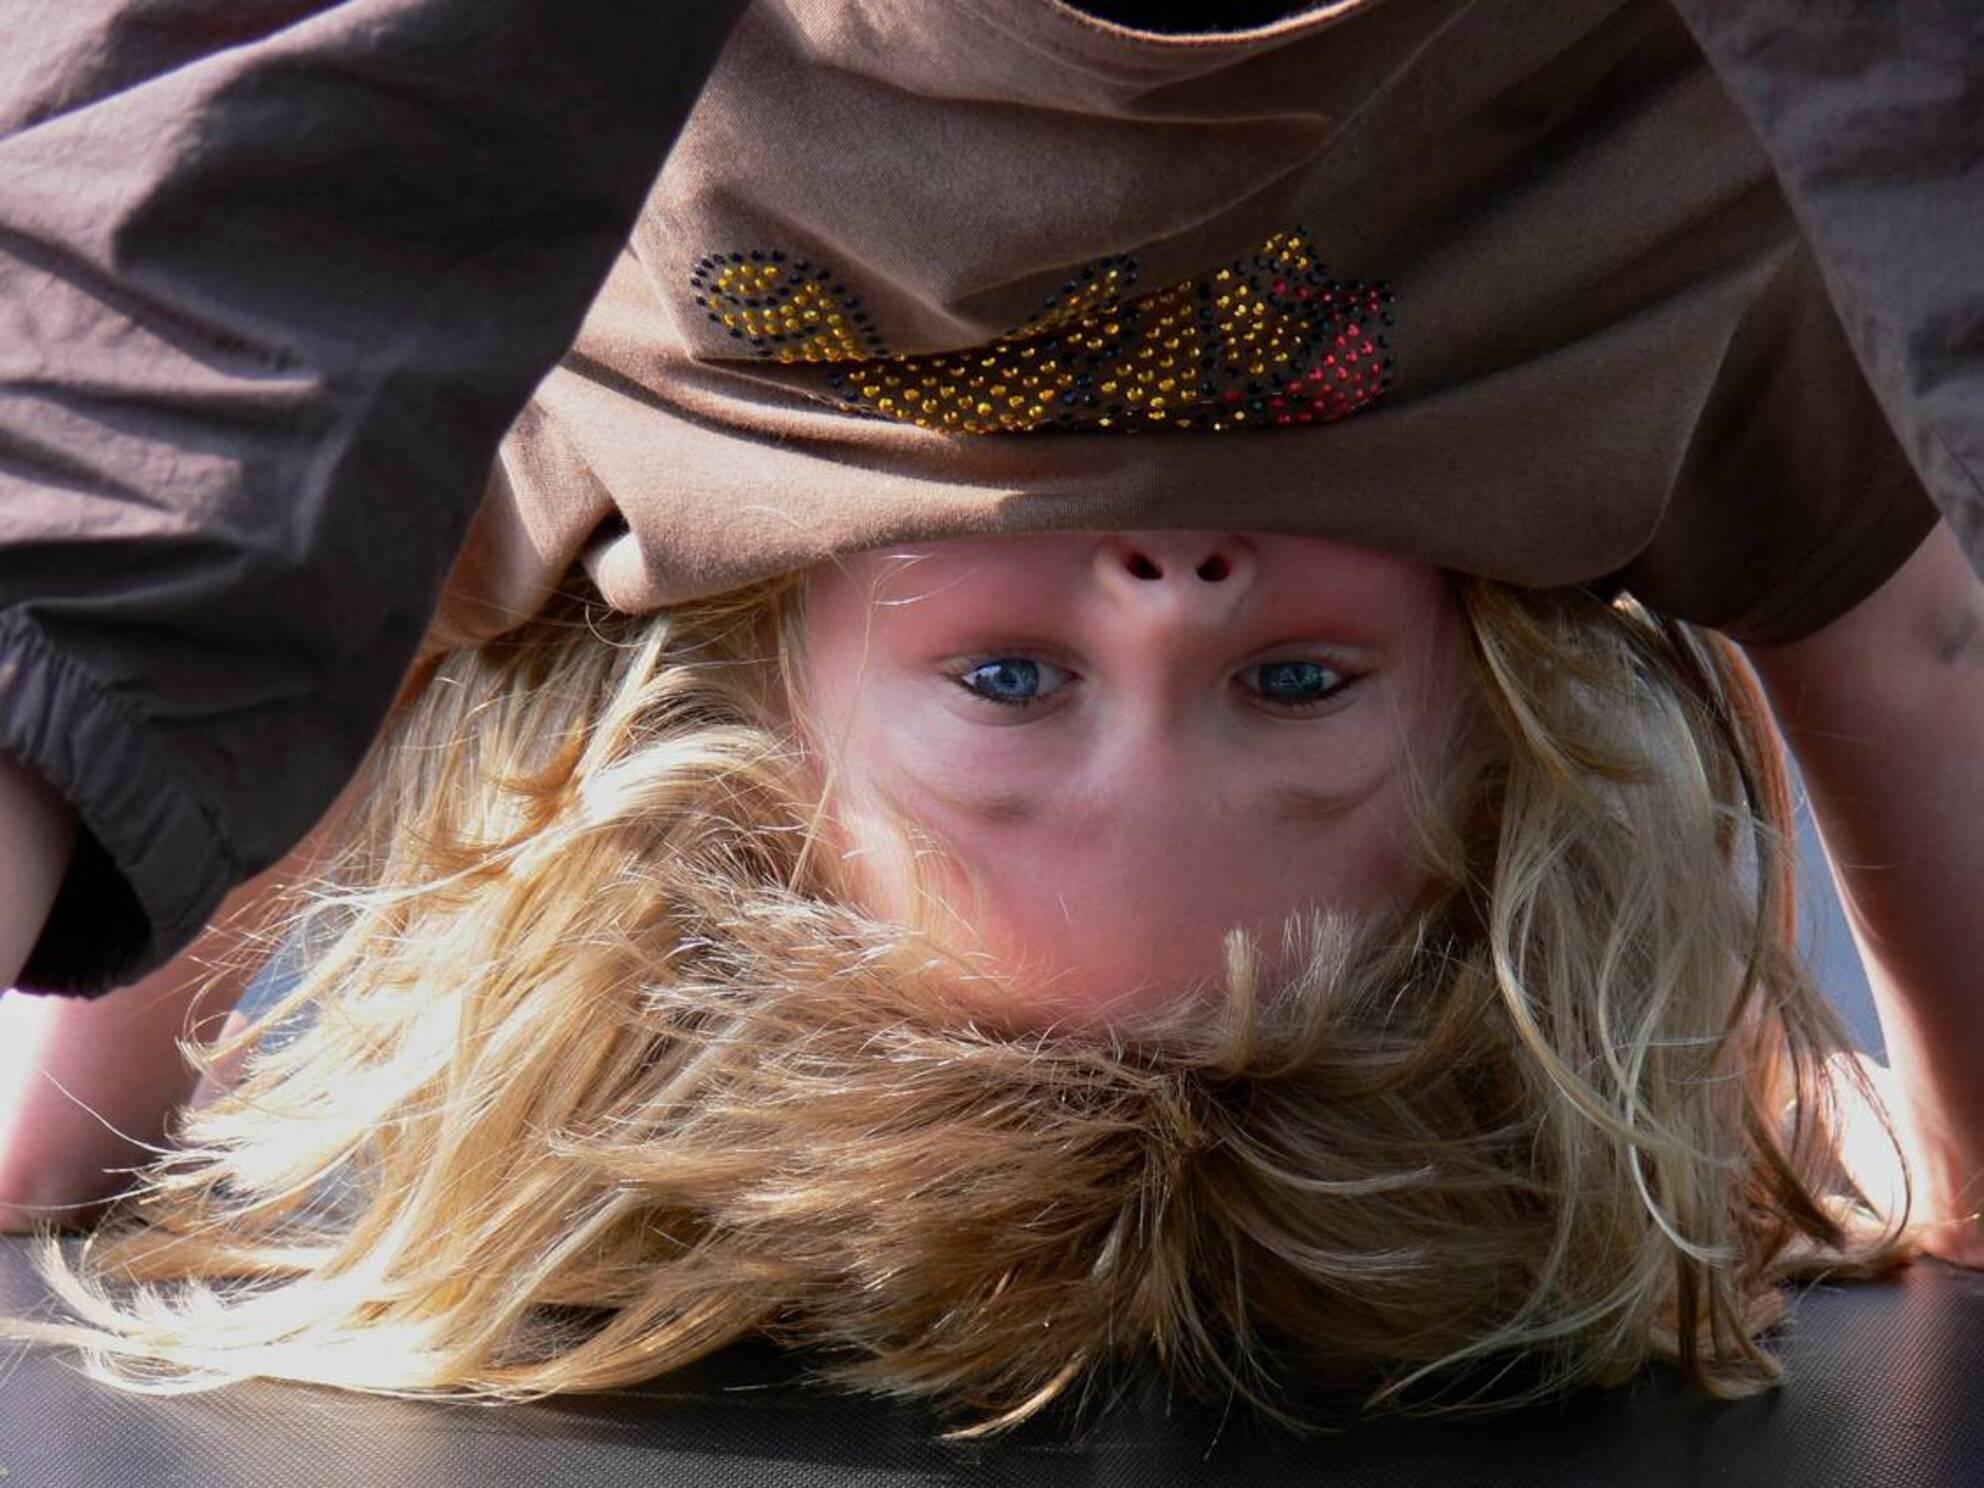 Op zijn kop - - - foto door Borren_zoom op 09-01-2007 - deze foto bevat: saybia, portret, trampoline, op - Deze foto mag gebruikt worden in een Zoom.nl publicatie